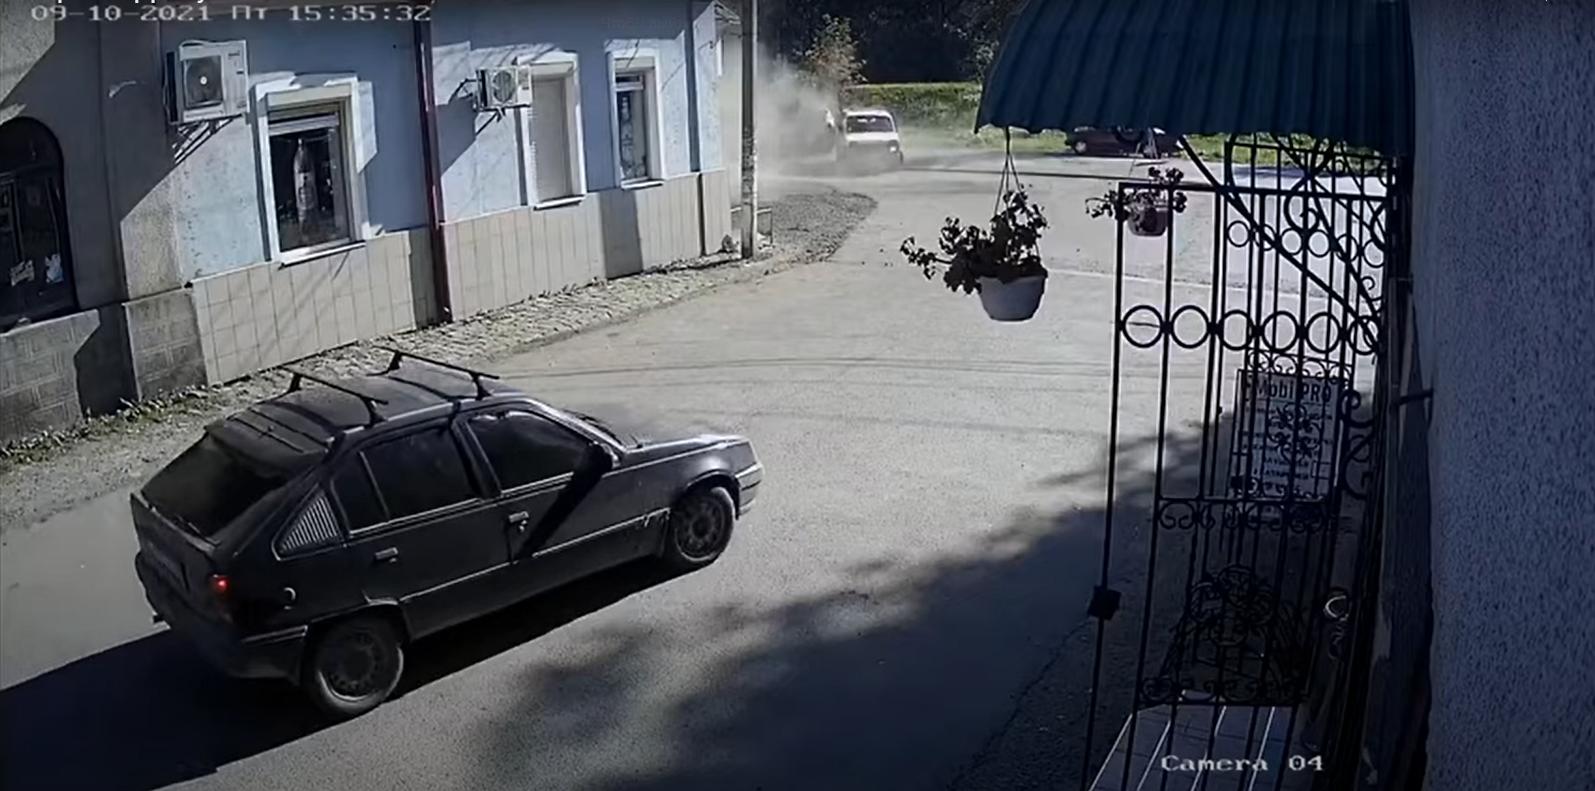 Аварія на Рахівщині: момент зіткнення потрапив на відео, — соцмережі